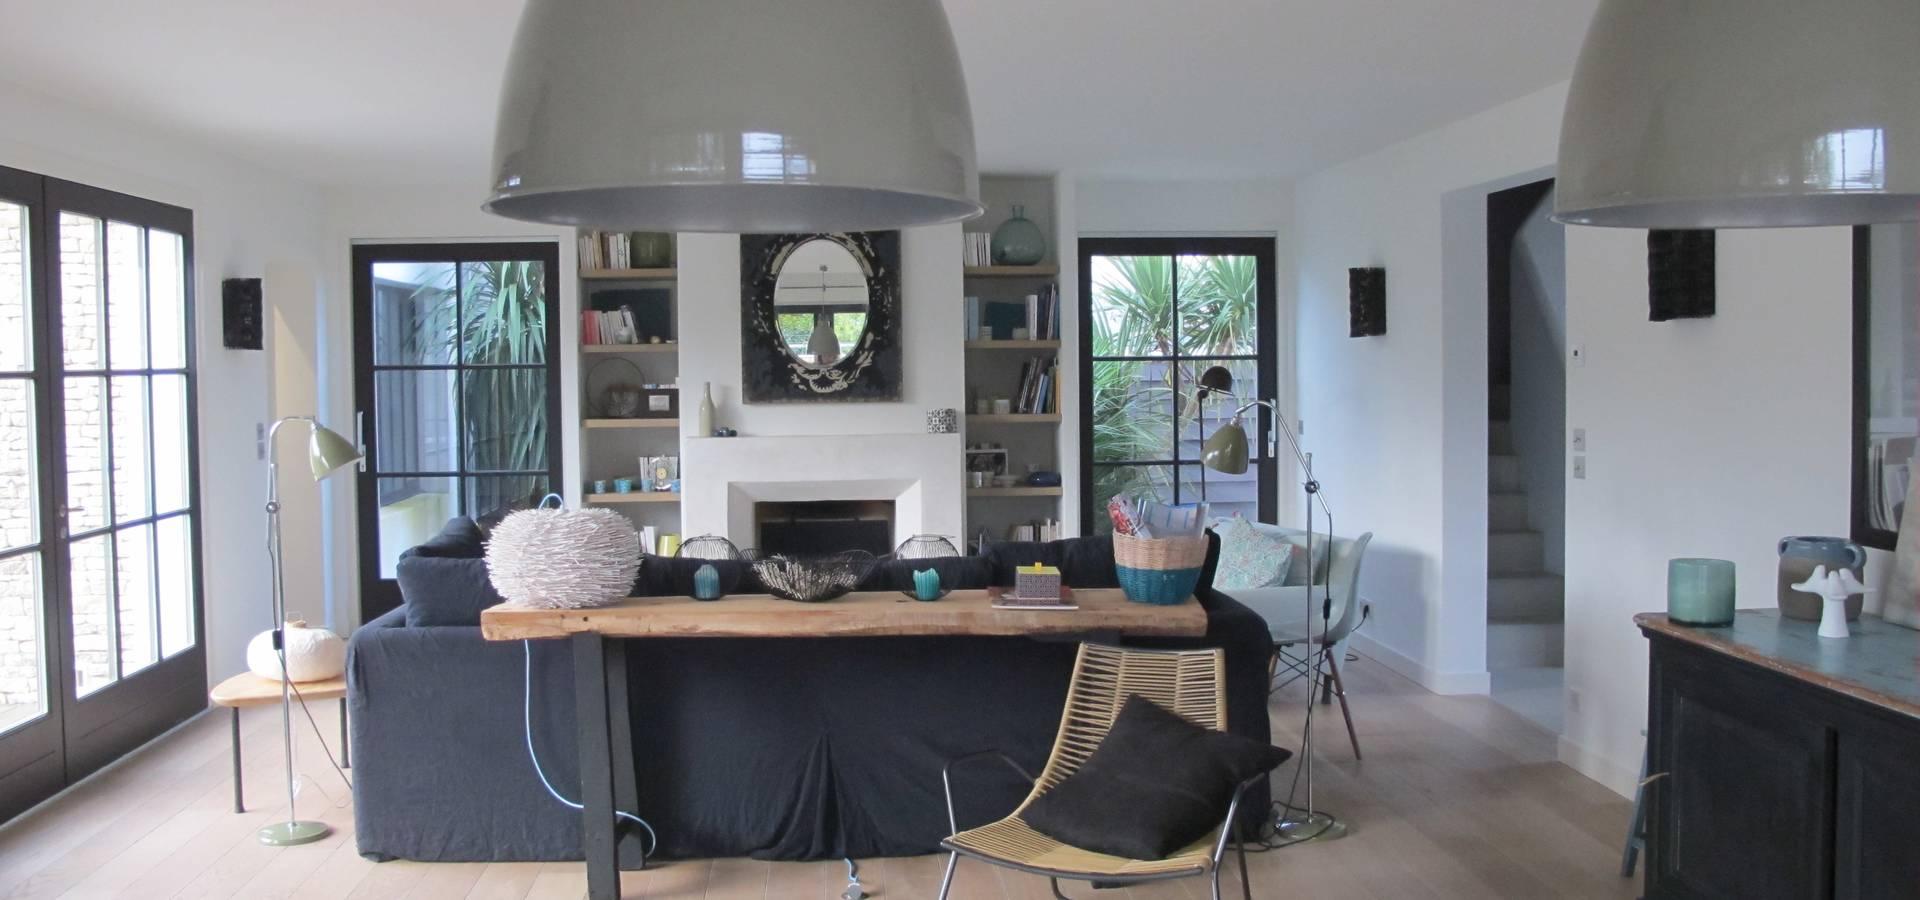 une maison de 220 m2 l 39 le de r par raphaelle levet decoration homify. Black Bedroom Furniture Sets. Home Design Ideas